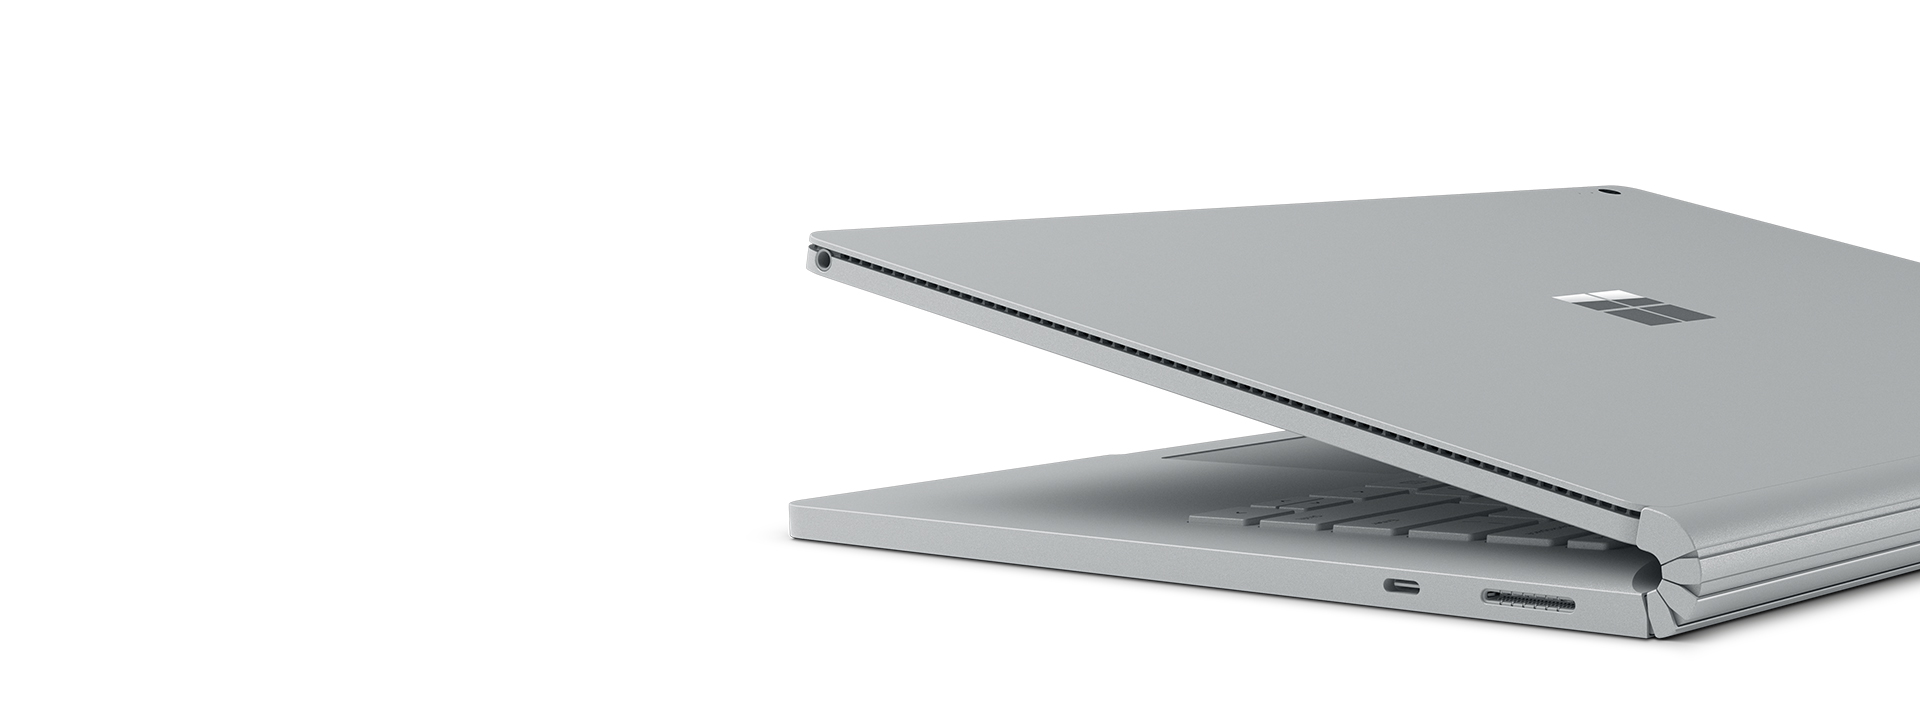 Surface Book 2 met aanzicht van de USB-C-poort